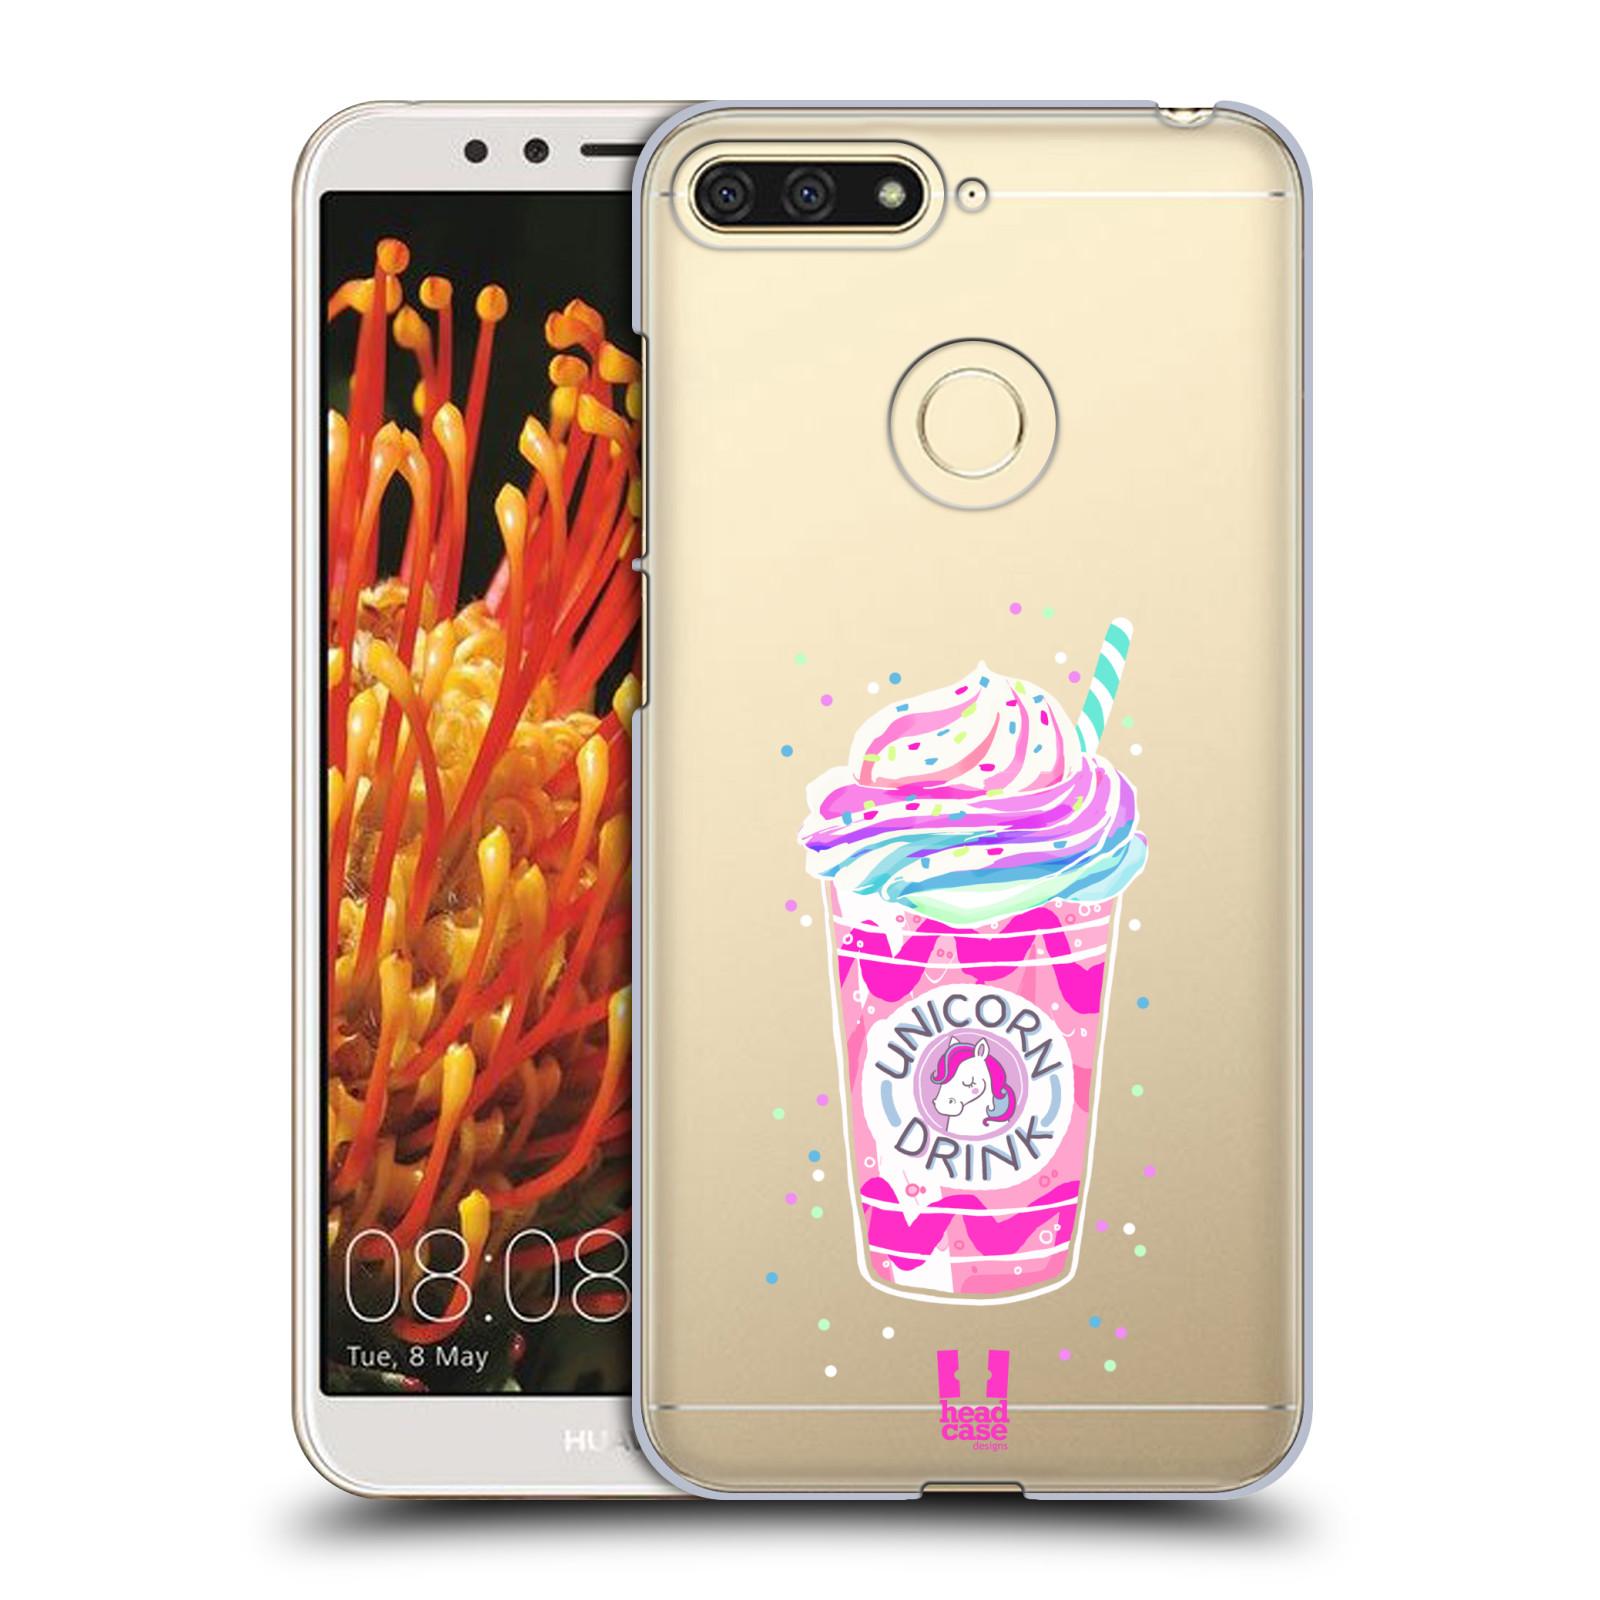 Plastové pouzdro na mobil Huawei Y6 Prime 2018 - Head Case - Unicorn drink